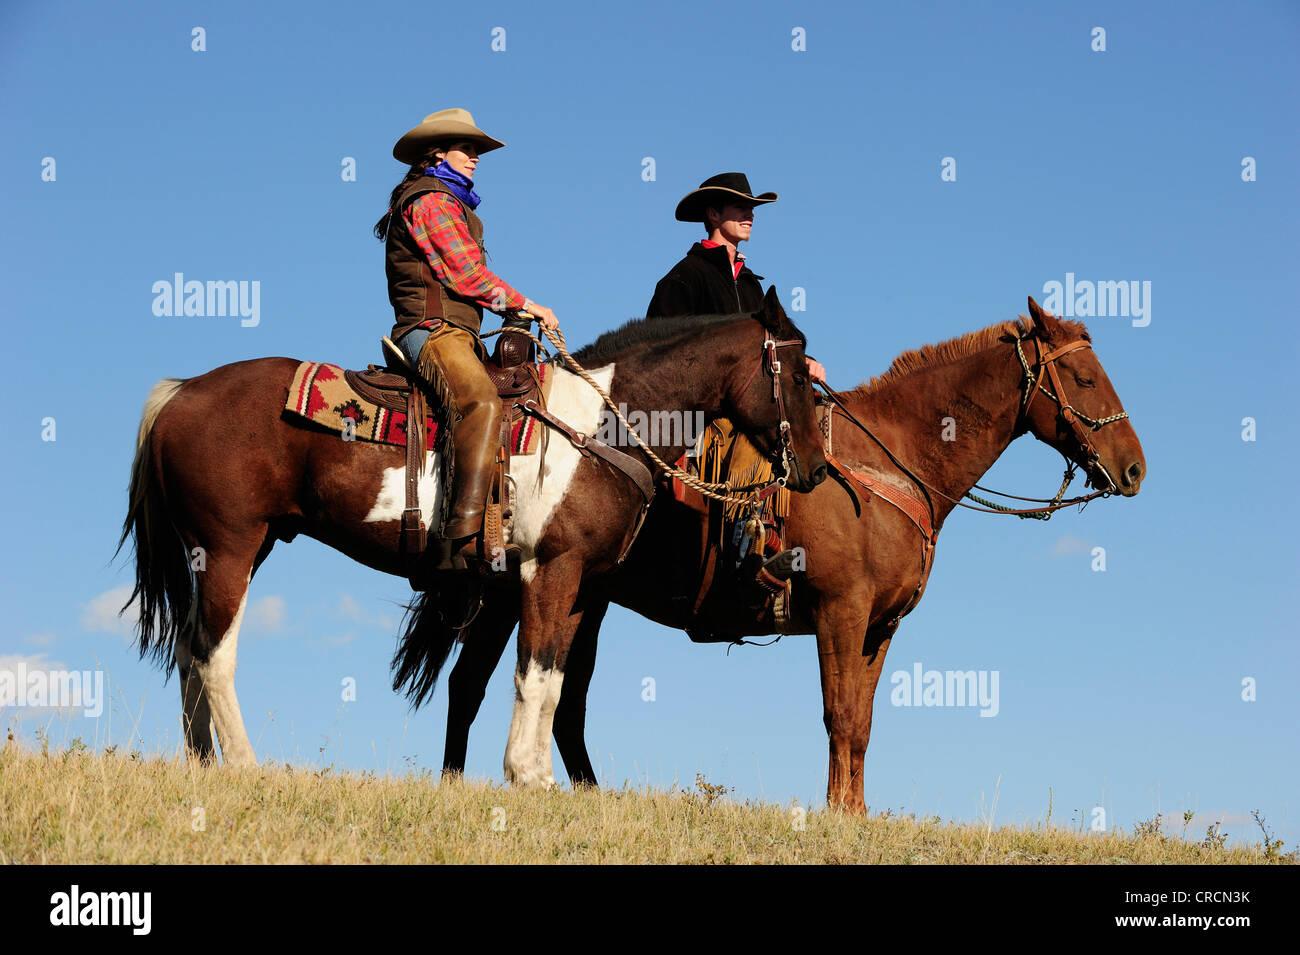 Cowgirl e cowboy su cavalli guardando in lontananza, Saskatchewan, Canada, America del Nord Foto Stock